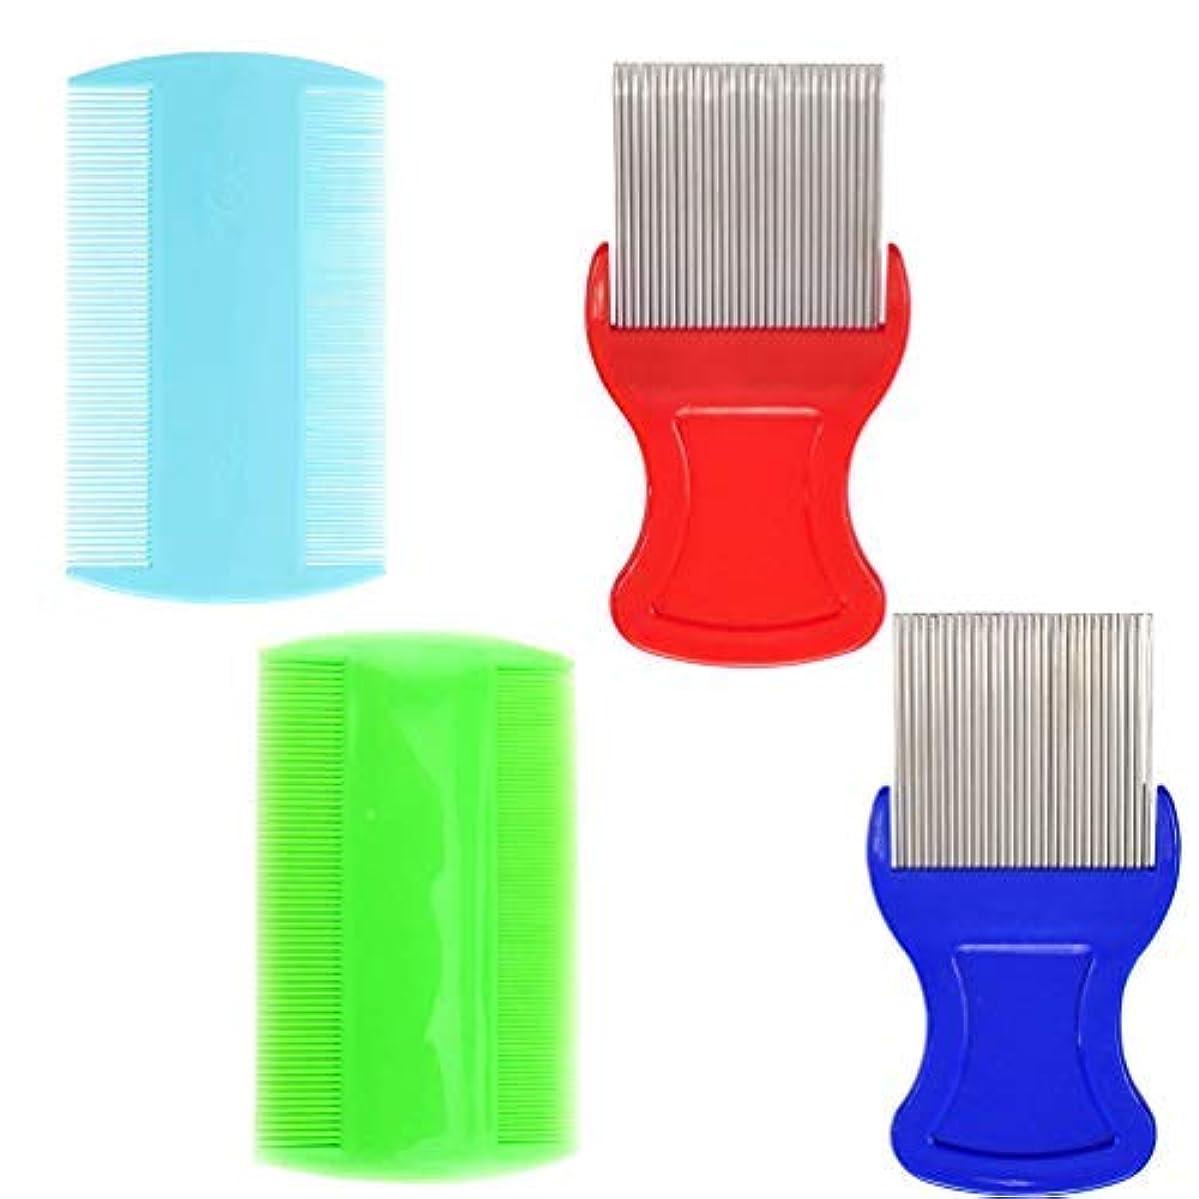 バブルしなやかに対応Hair Comb,Fine Tooth Comb,Removing Dandruff Flakes [並行輸入品]